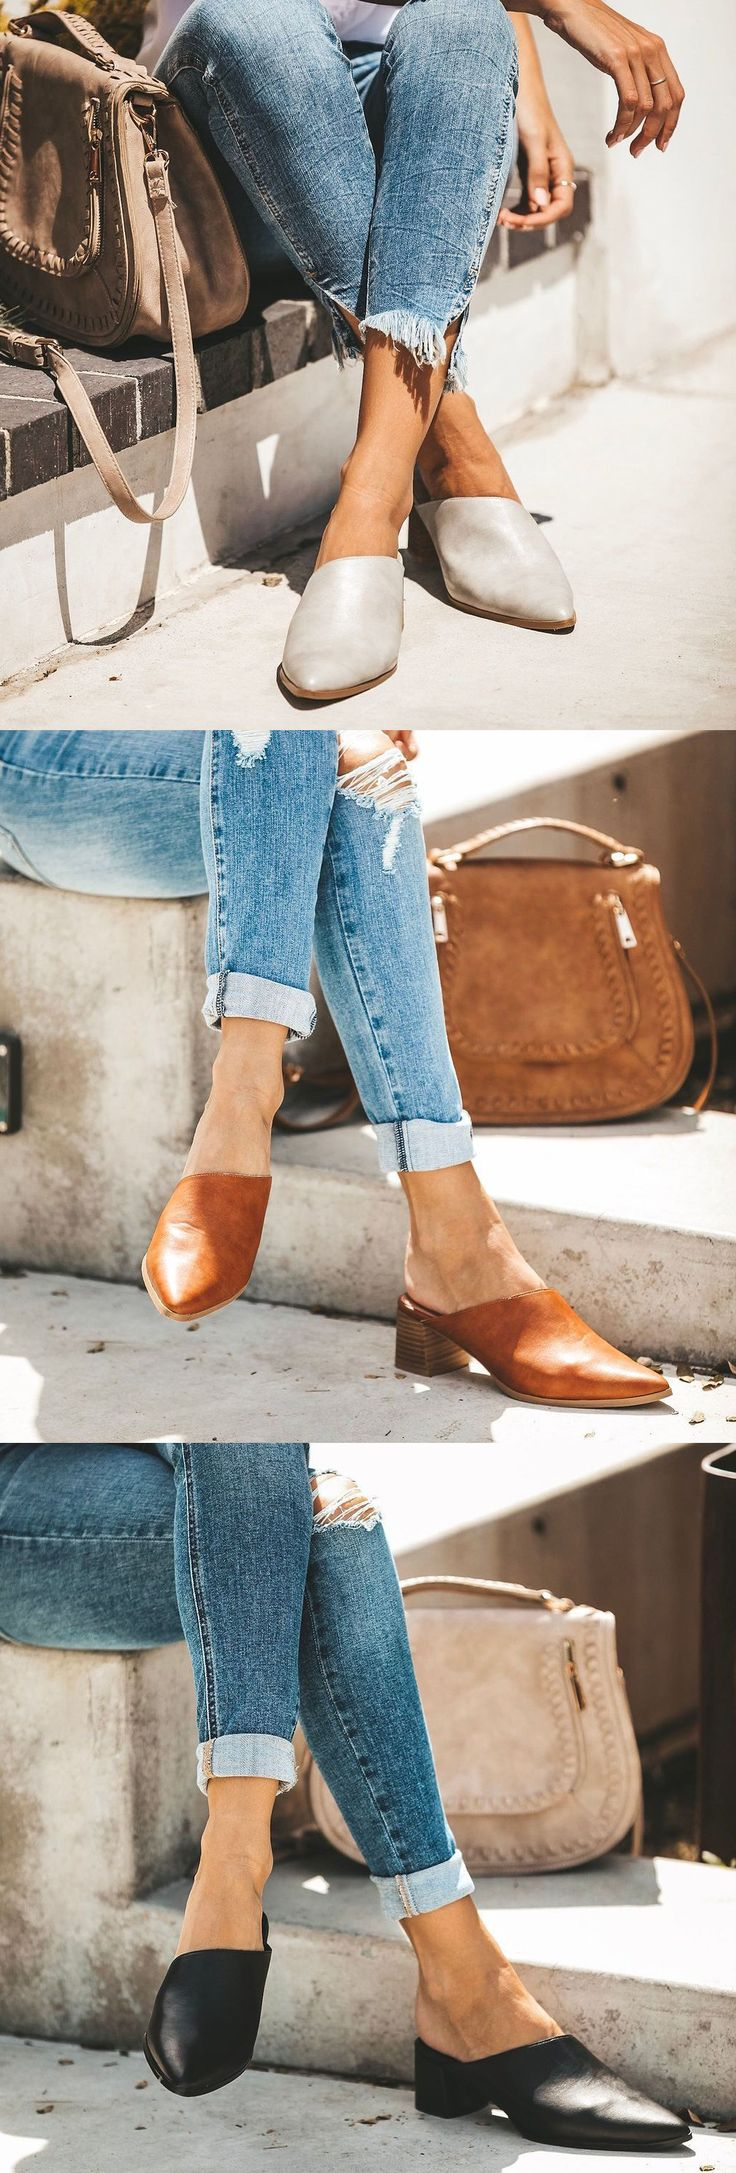 SHOP NOW>>$39.99 SALE! Women Fashion Plus Size Heel Flats 2